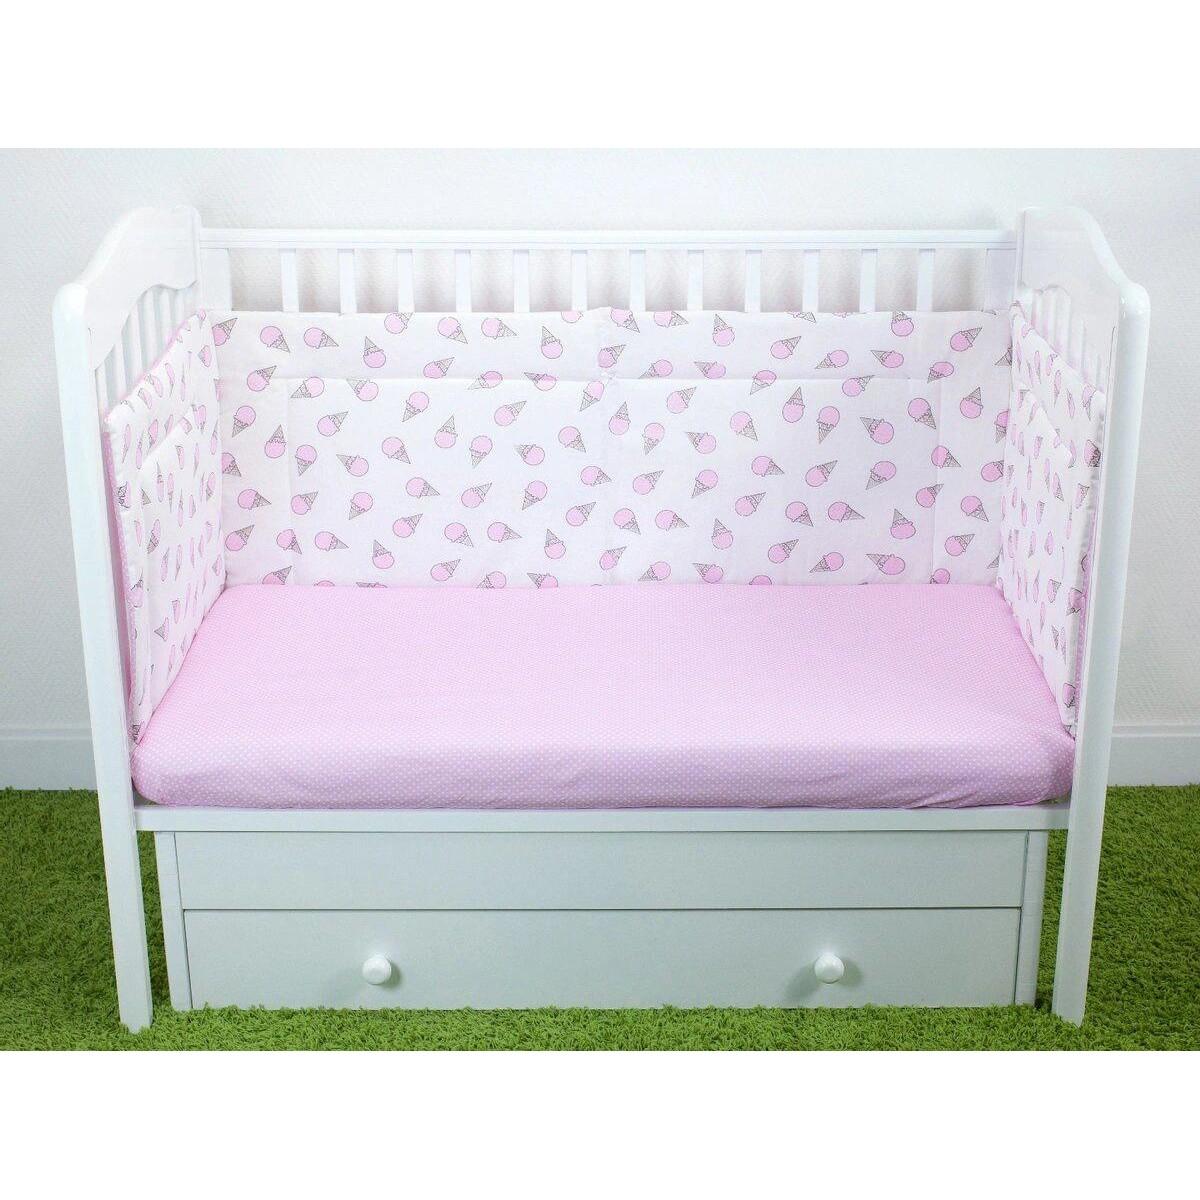 Бортик для детской кроватки Magic City Розовый десерт БК-ББ-003/45